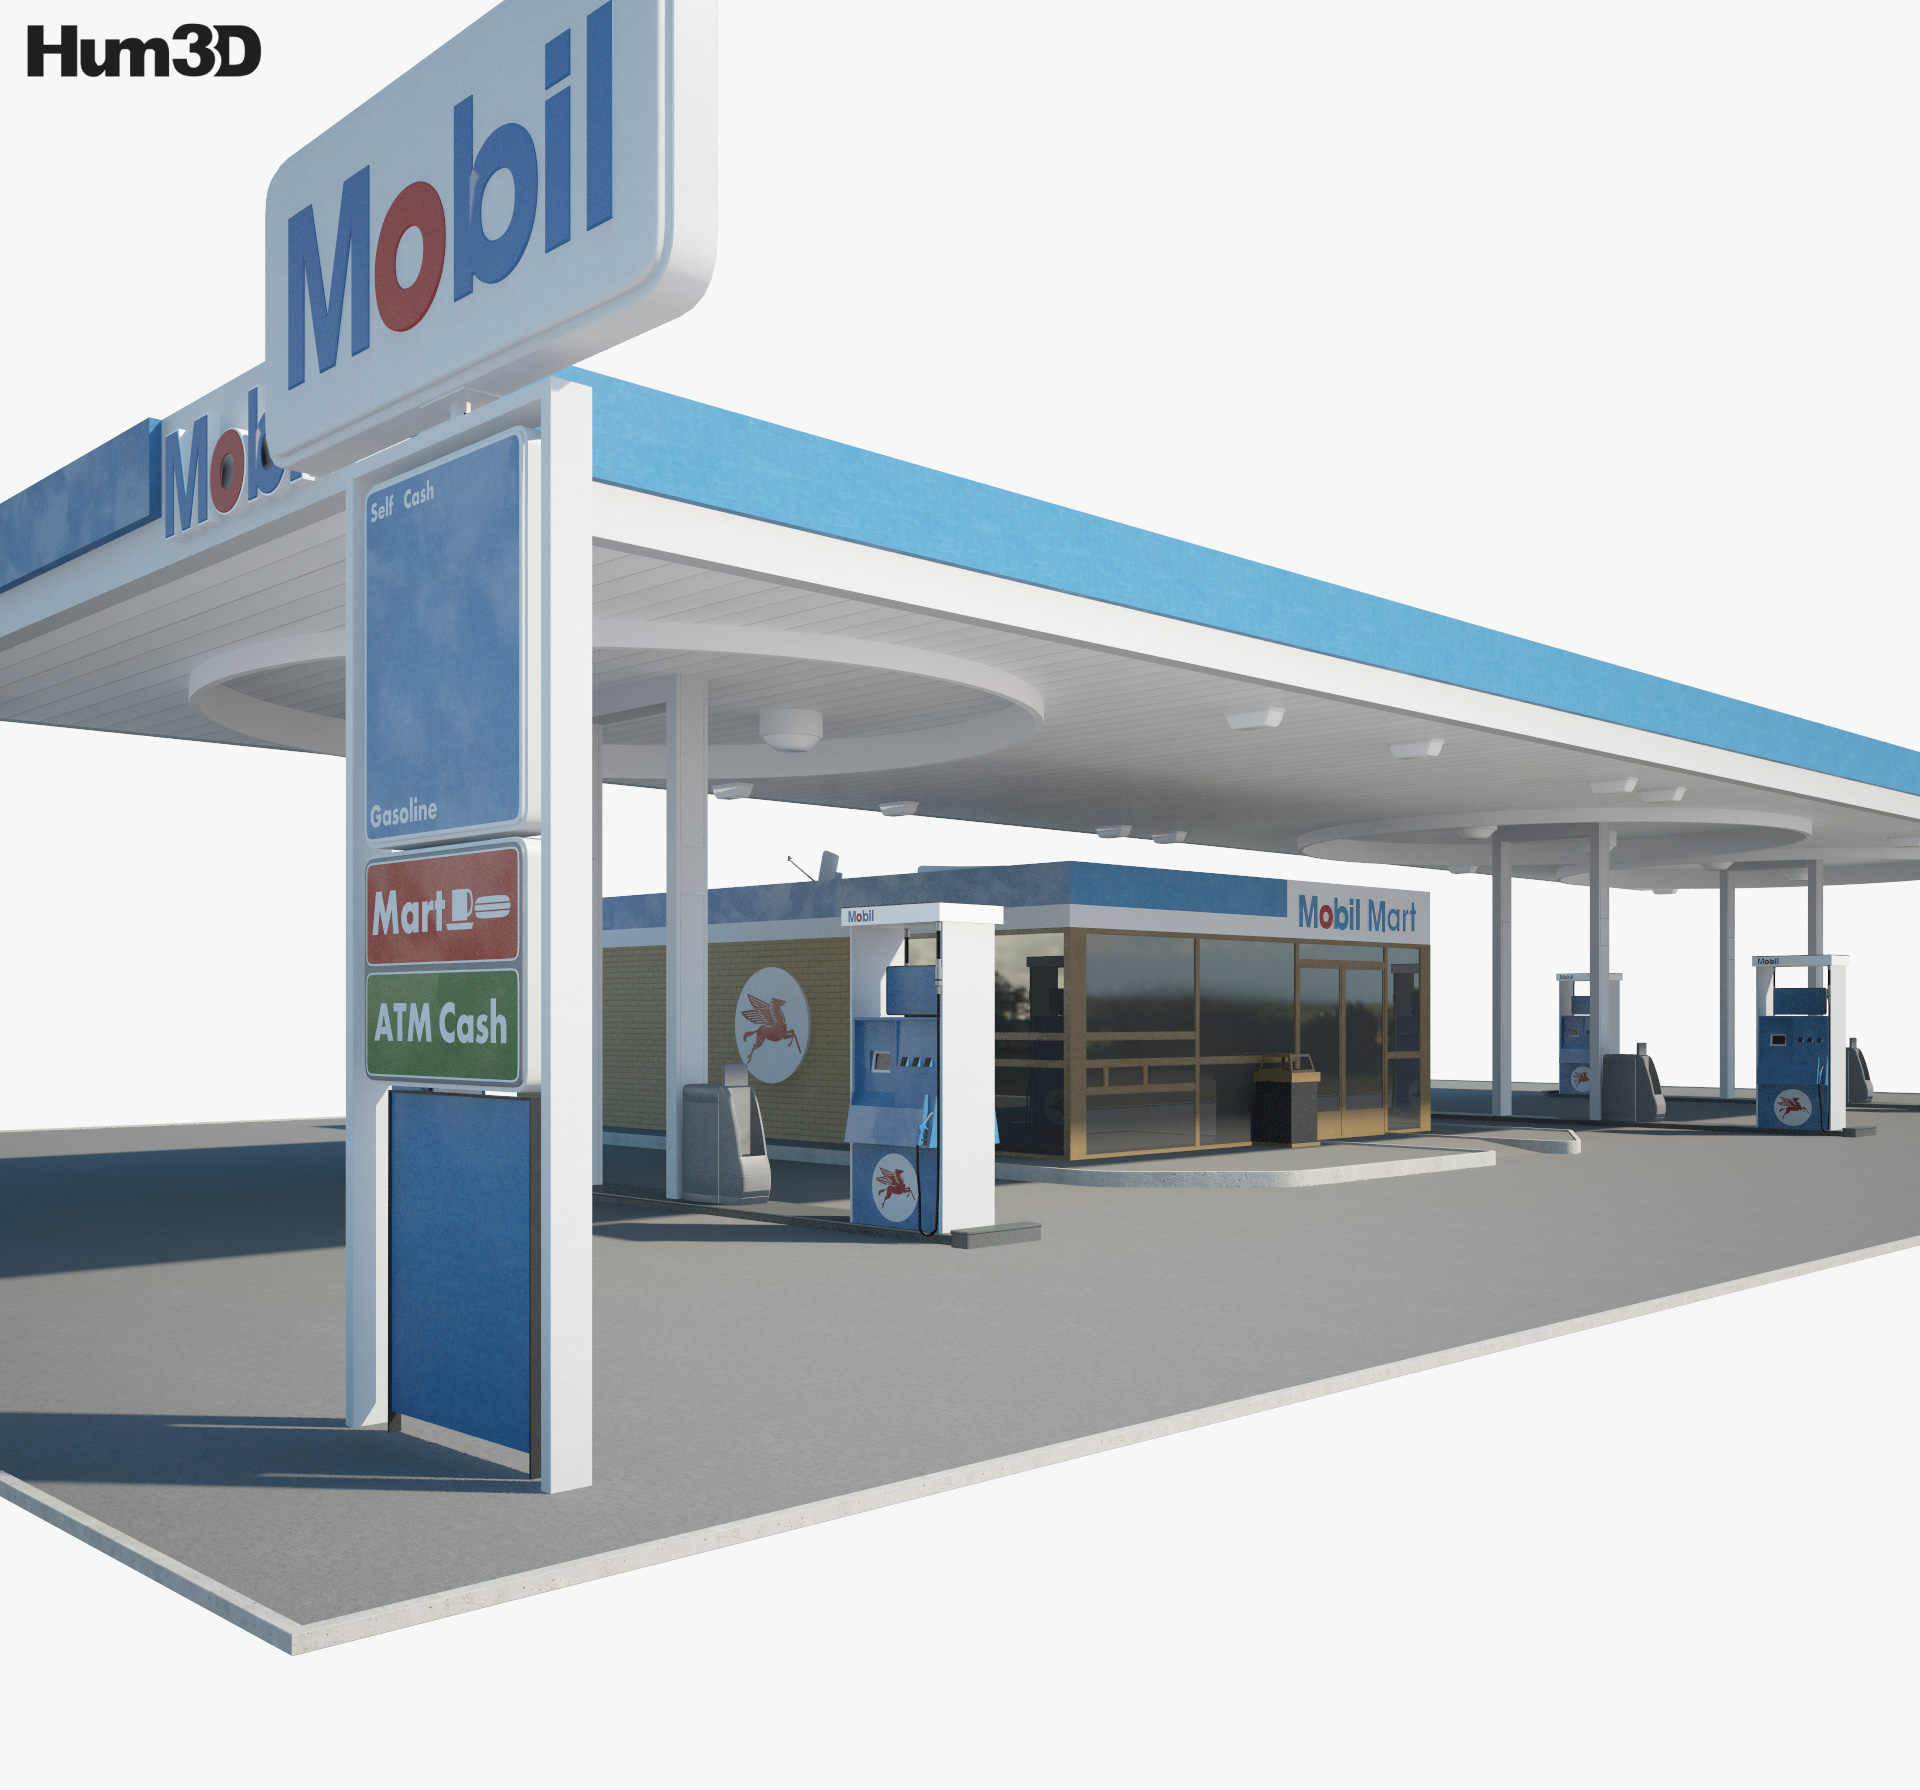 Mobil gas station 001 3d model